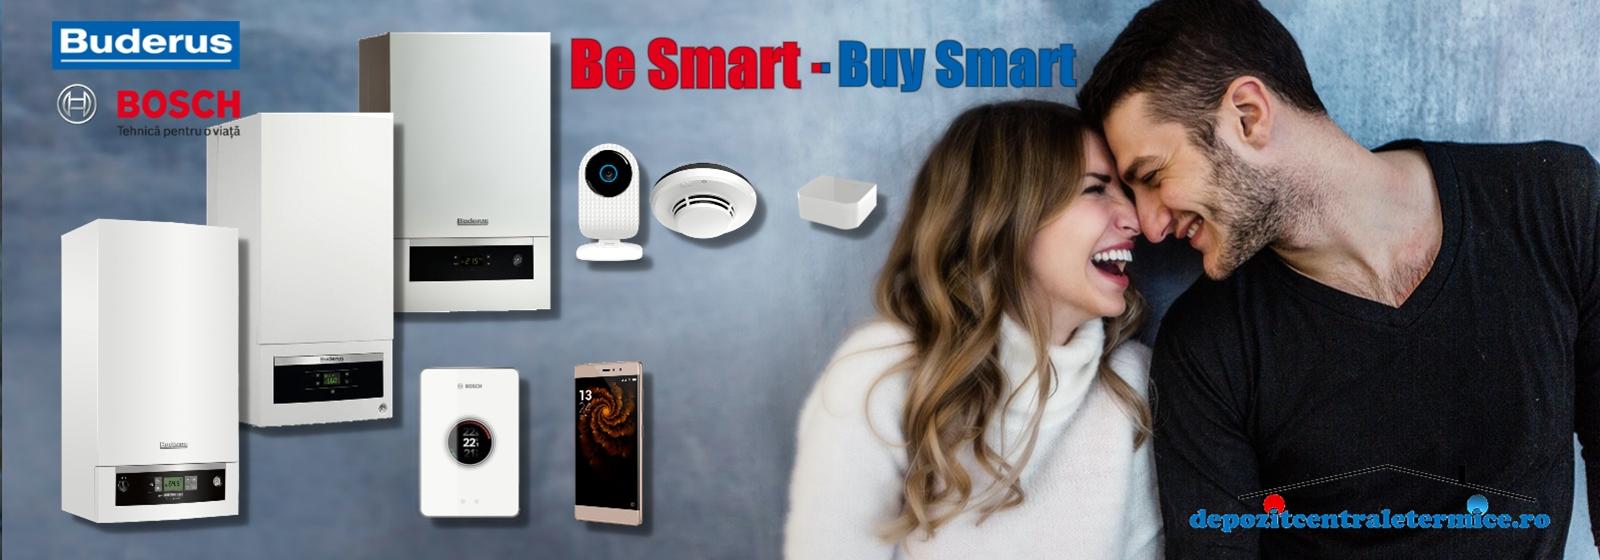 Be smart - Buy smart